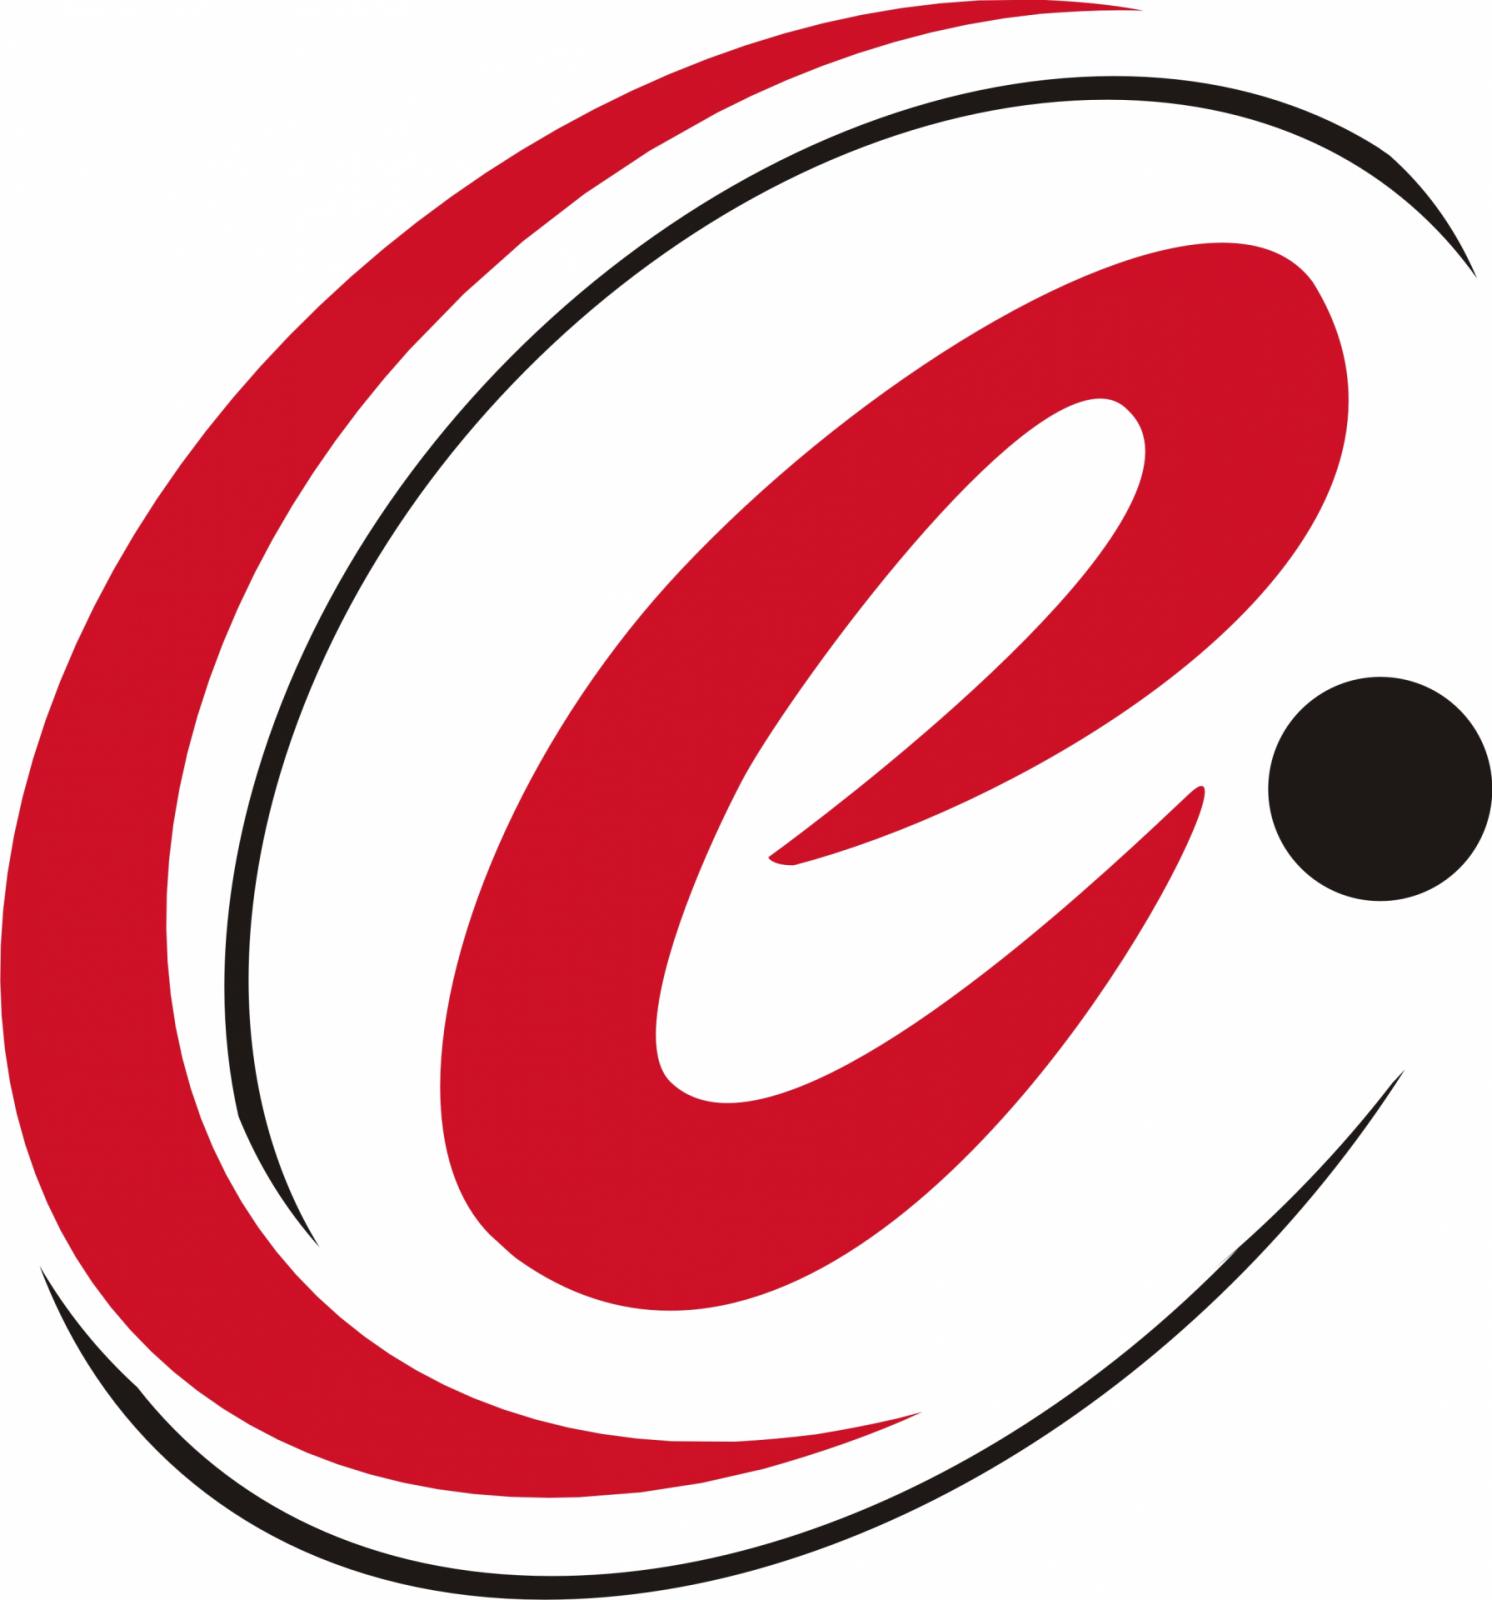 logo-egalite.png